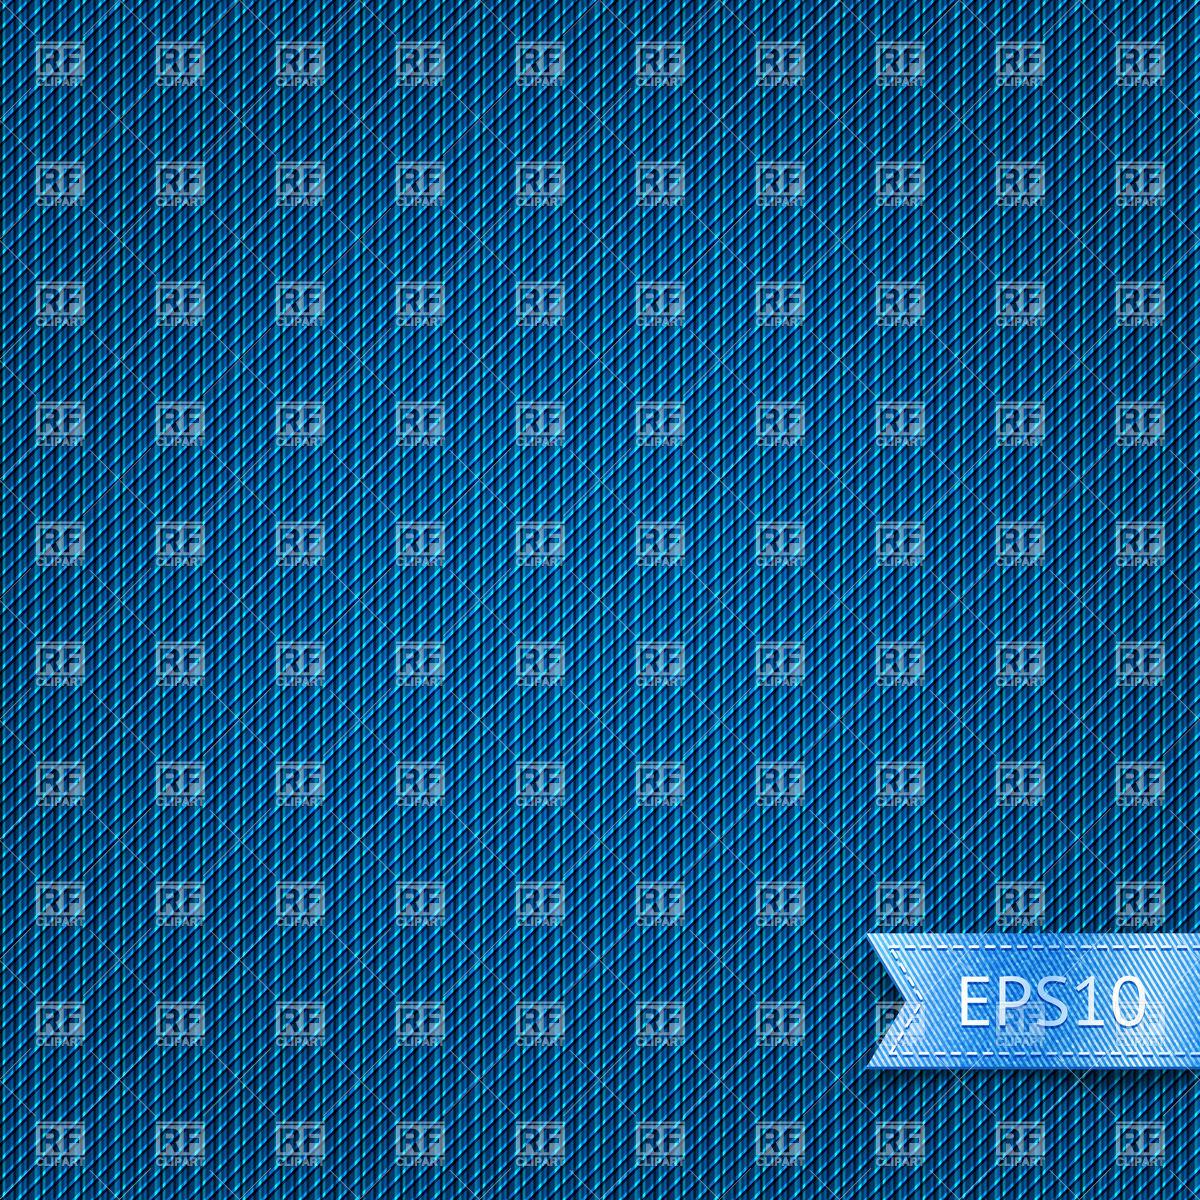 Denim ( jean) texture Vector Image #15385.